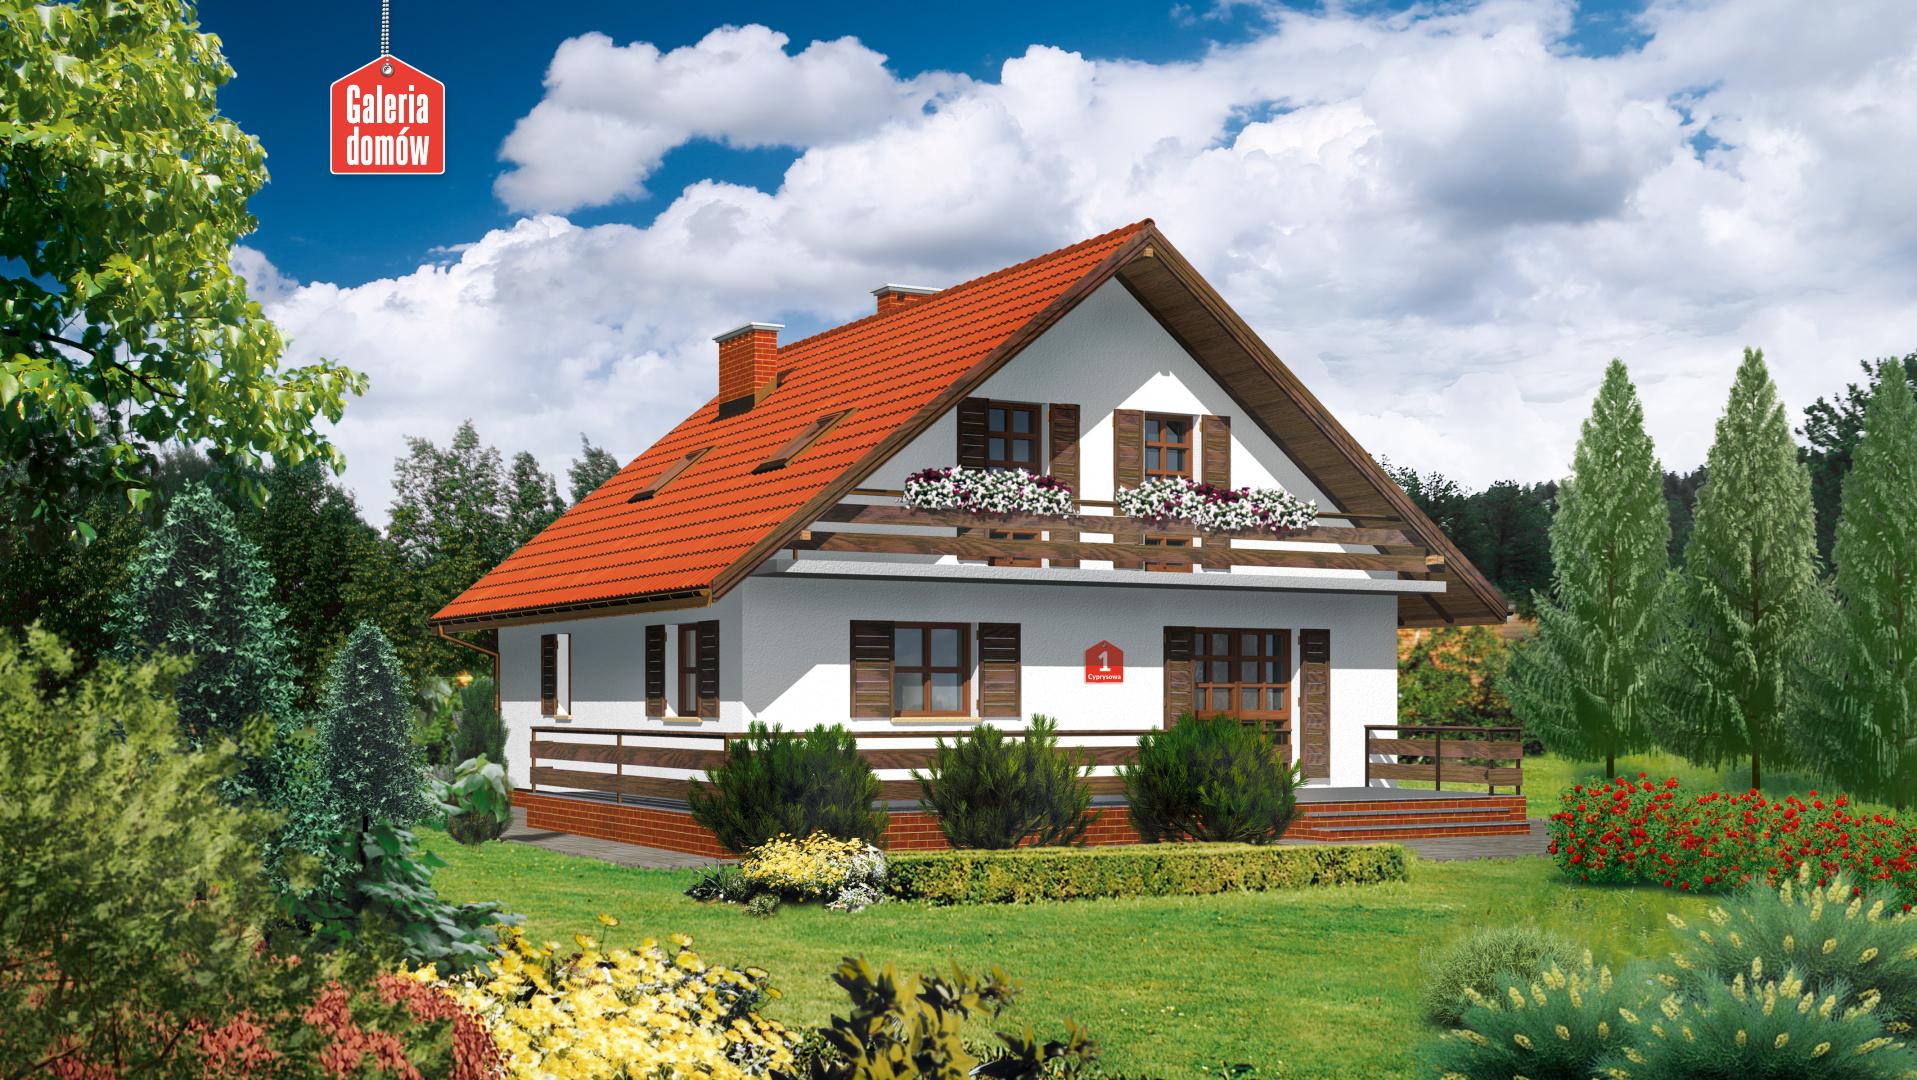 Dom przy Cyprysowej - zdjęcie projektu i wizualizacja